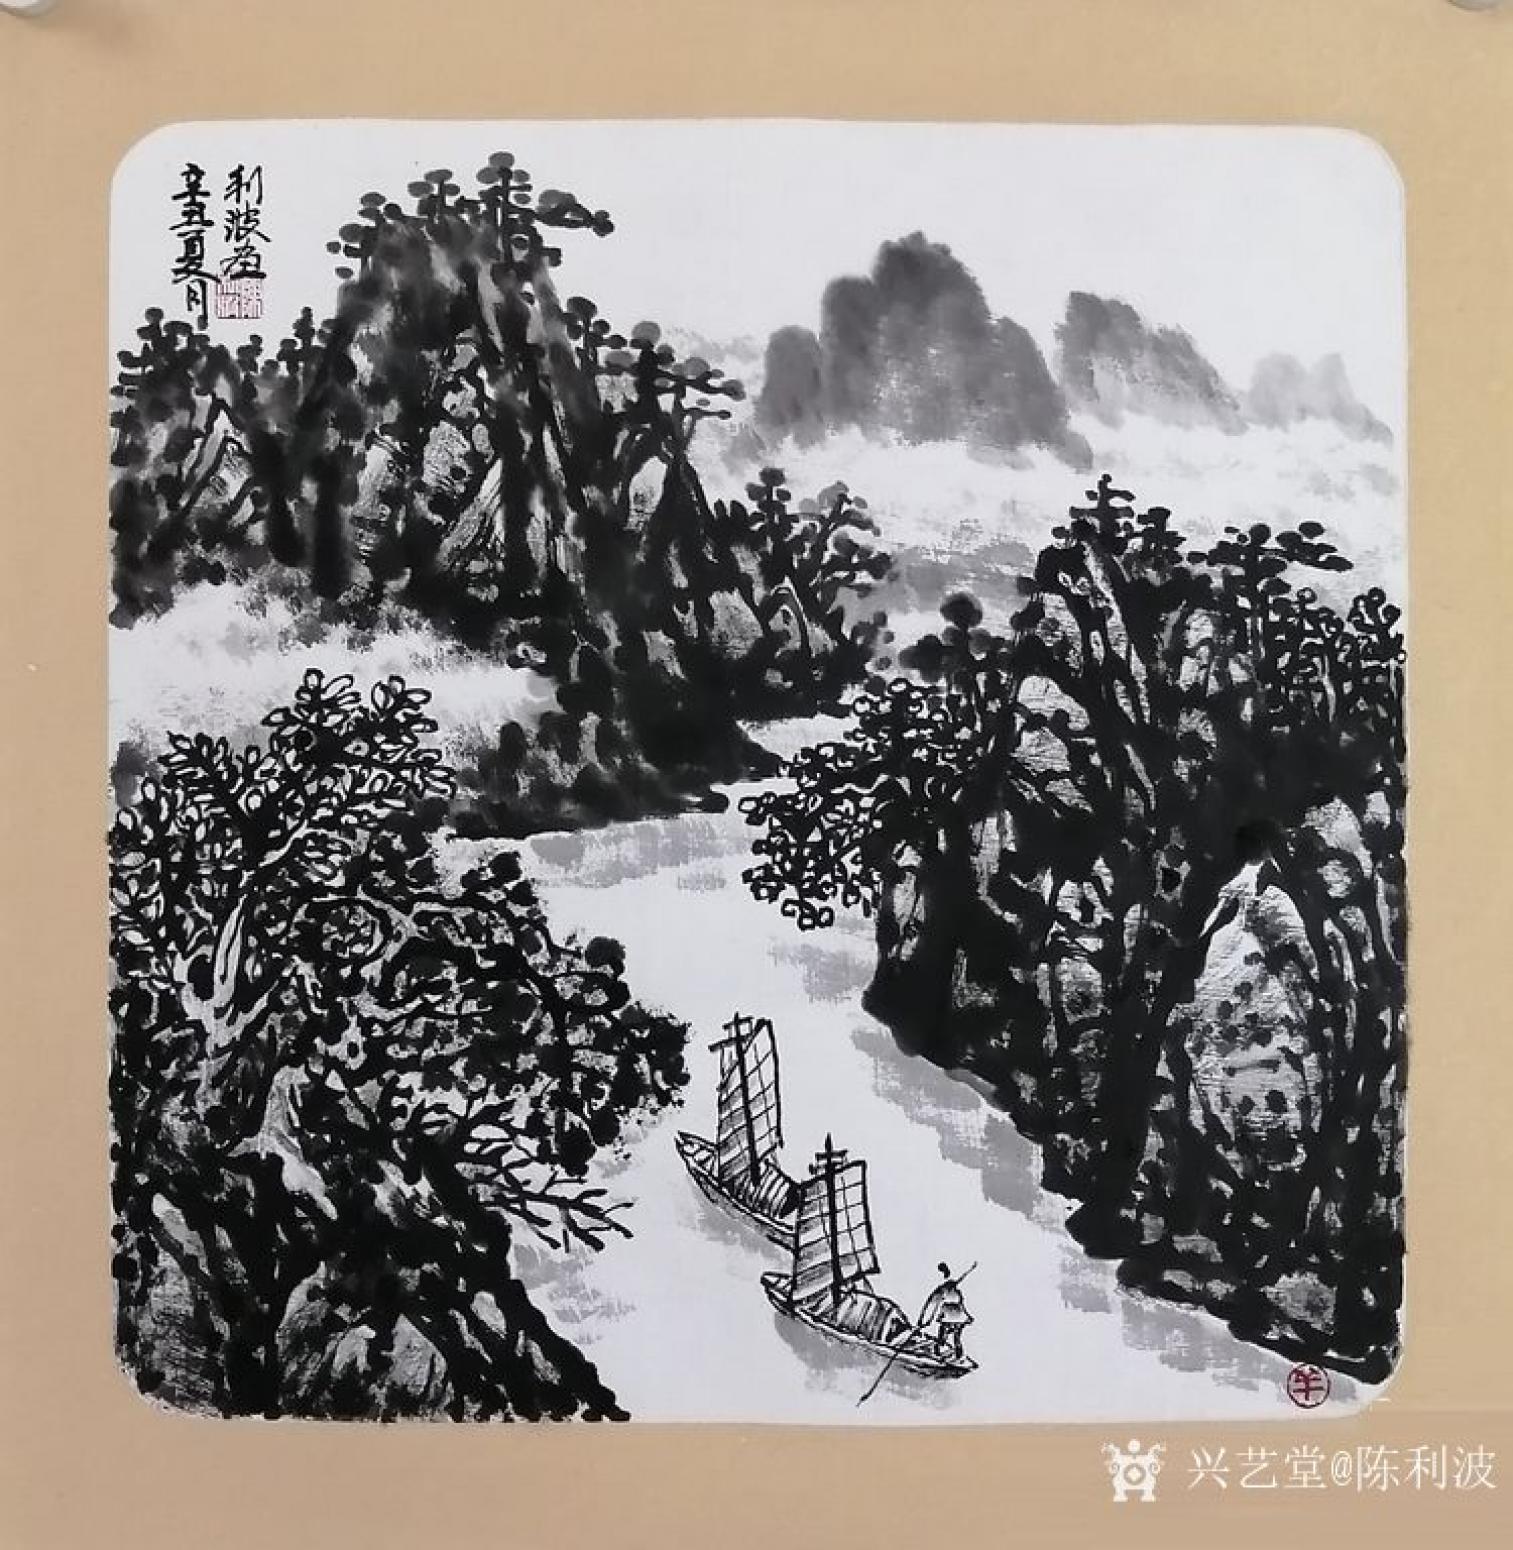 陈利波国画作品《泛舟》【图0】